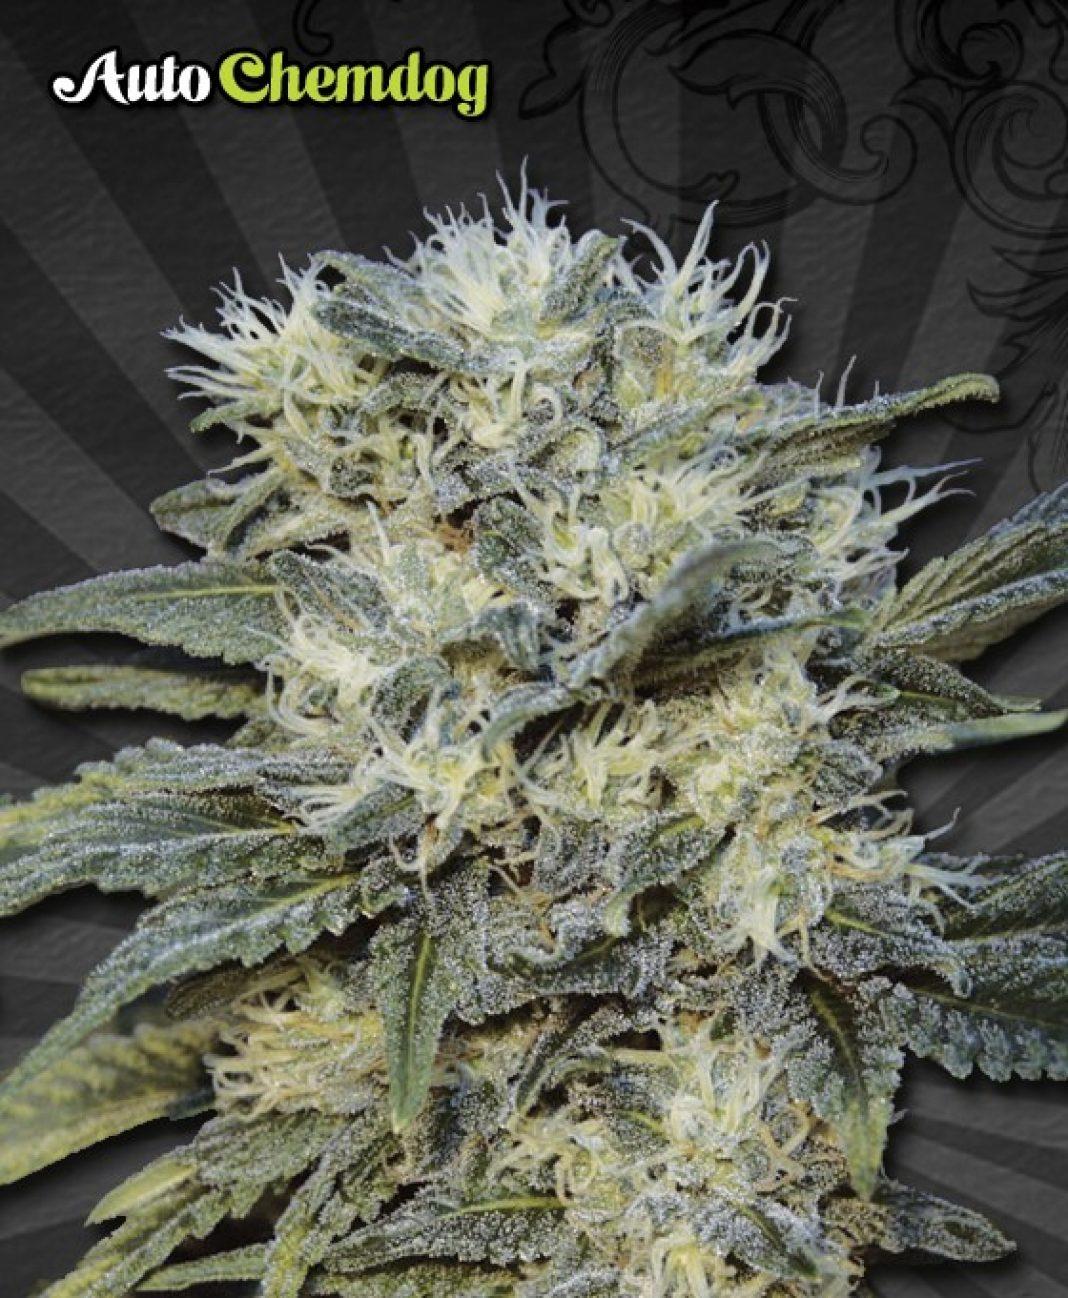 Od Chemdog czy też Chemdwag rozpoczęła się bujna przygoda powstania całej gamy odmian marihuany. Chemdog wciąż jest odmianą marihuany pełną tajemnic i niedomówień i nie wiadomo, która z nich jest tak naprawdę prawdziwa.